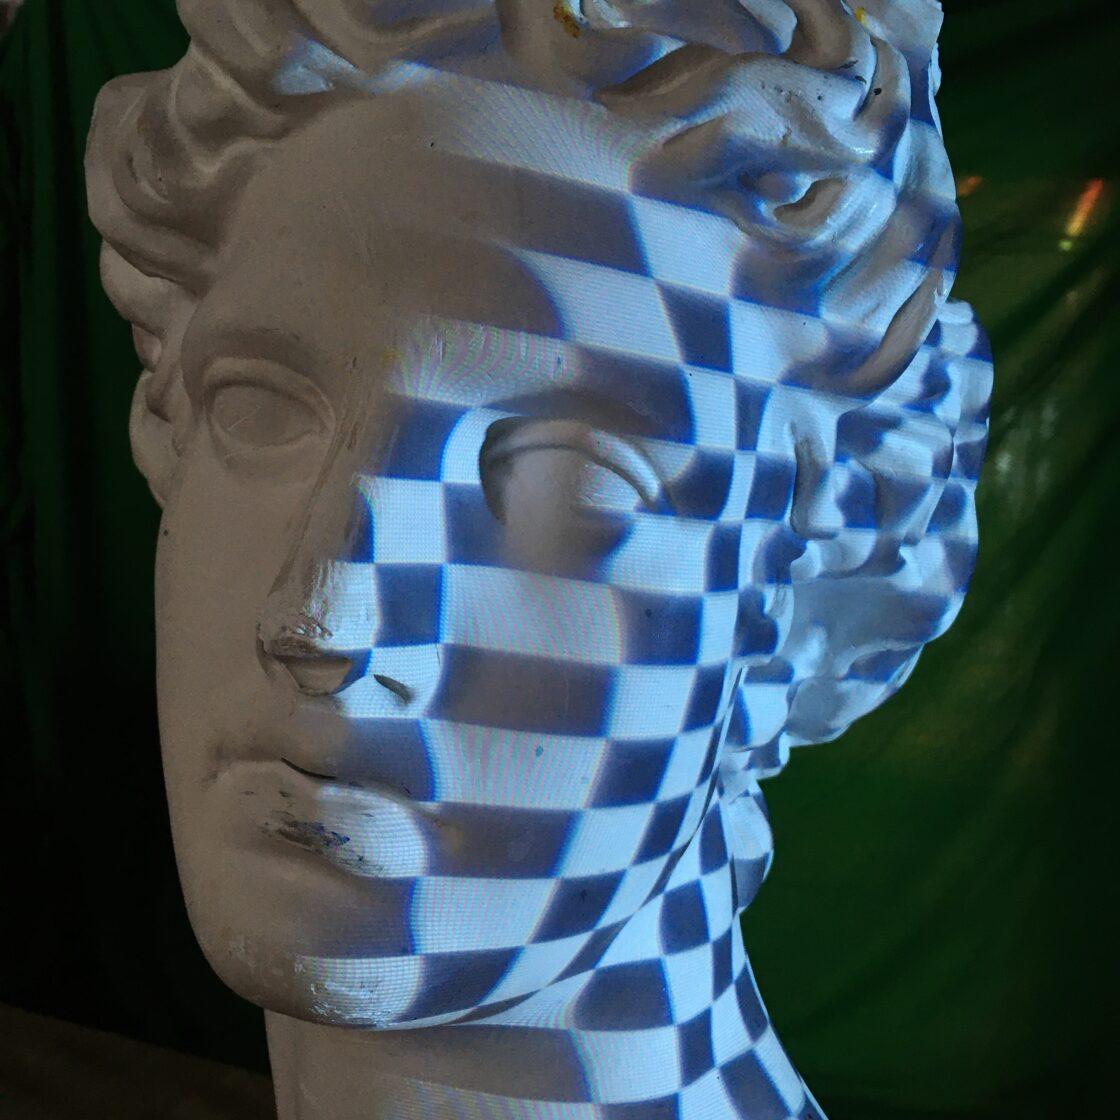 3D scan met blauwe projectievlakken